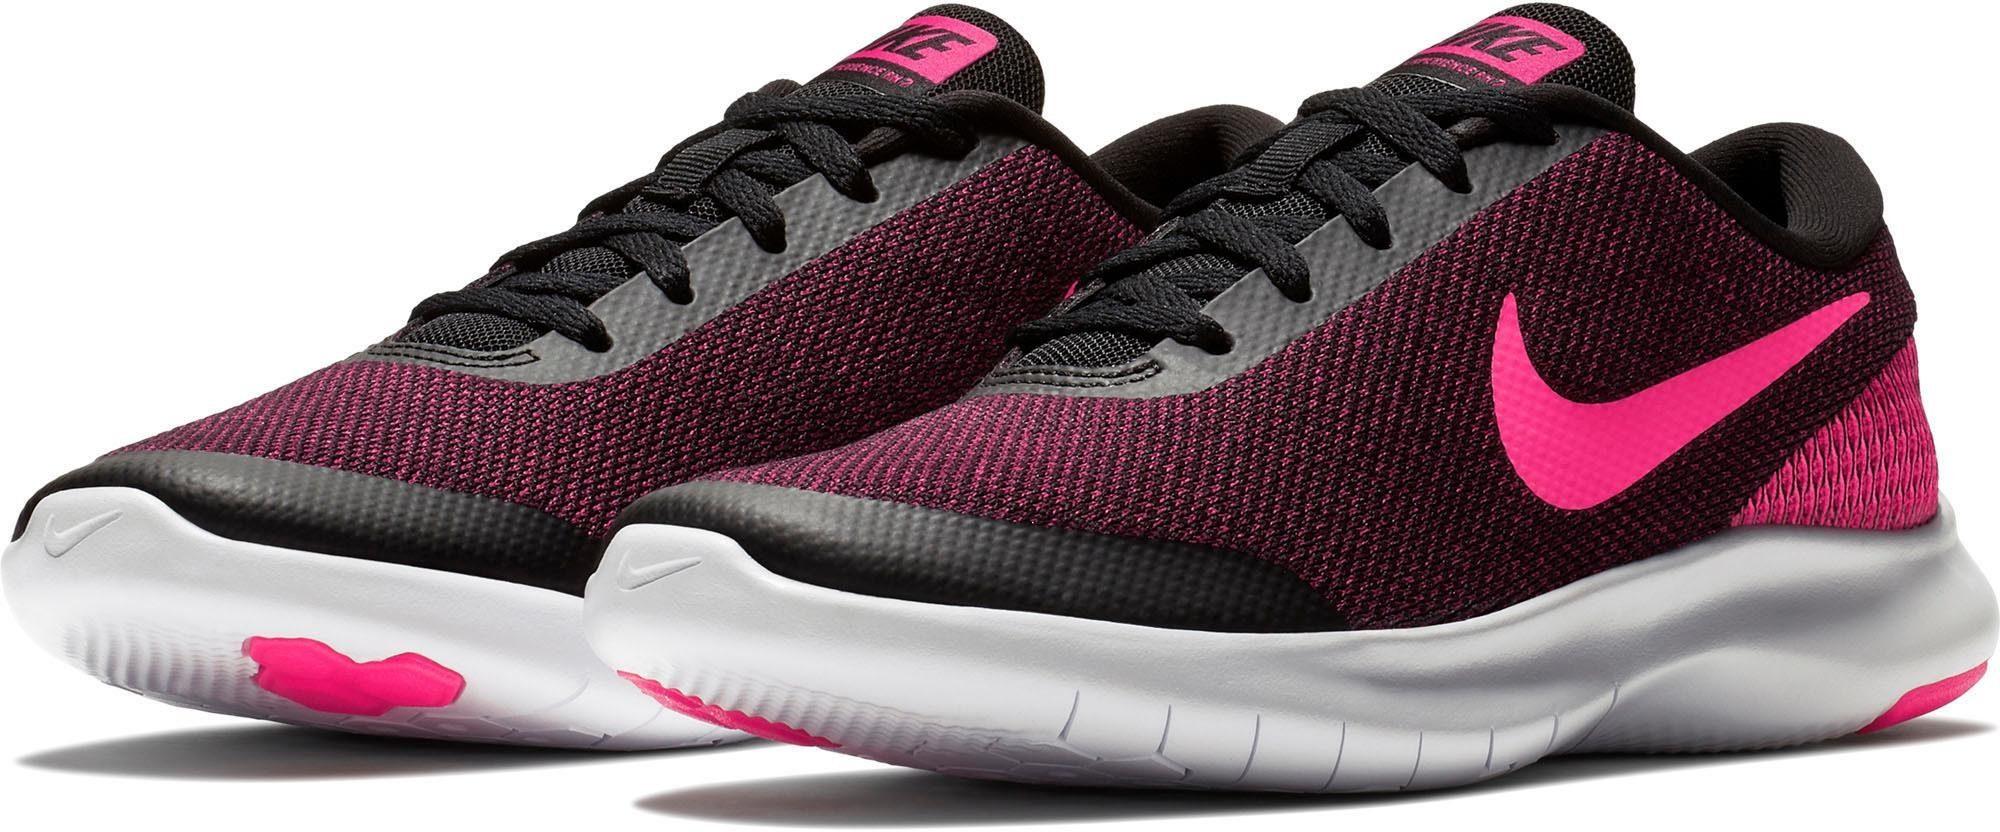 Nike FLEX EXPERIENCE RUN 7 Grün Gelb Schuhe Laufschuhe